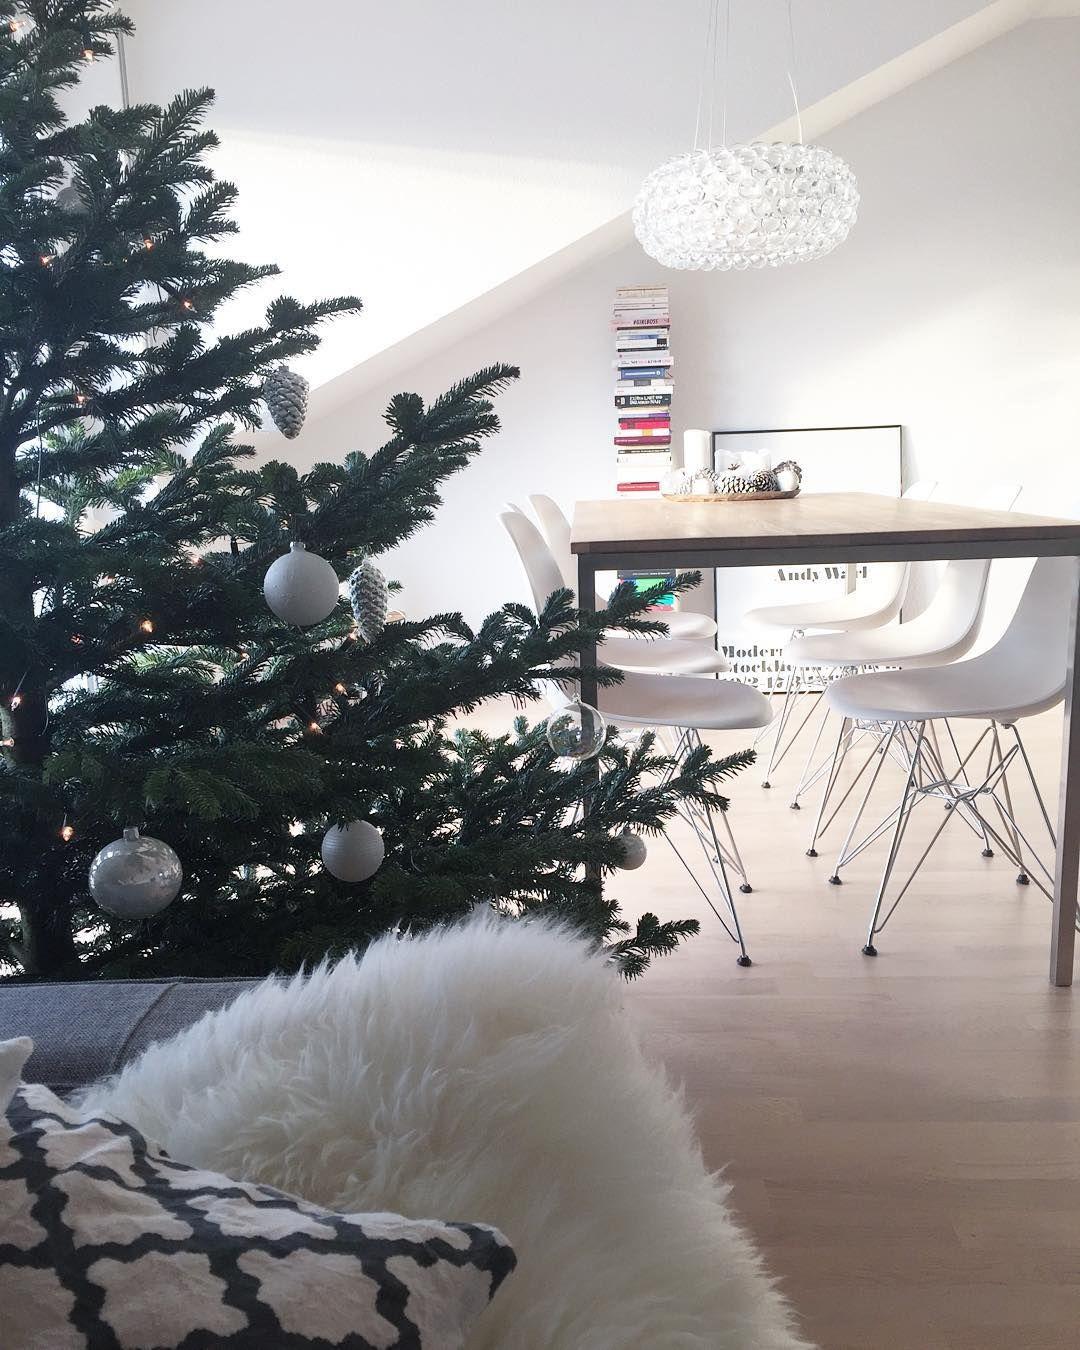 Aktueller Ausblick vom Sofa während die Kaffeemaschine aufheizt. Verrückt dass in zwei Tagen schon Heiligabend sein soll  Wir klappern dann heute auch endlich den Weihnachtsmarkt ab. Der macht schließlich danach zu  #goodmorning #livingroom #christmastree #decoration #interior #home #vitra #caboche